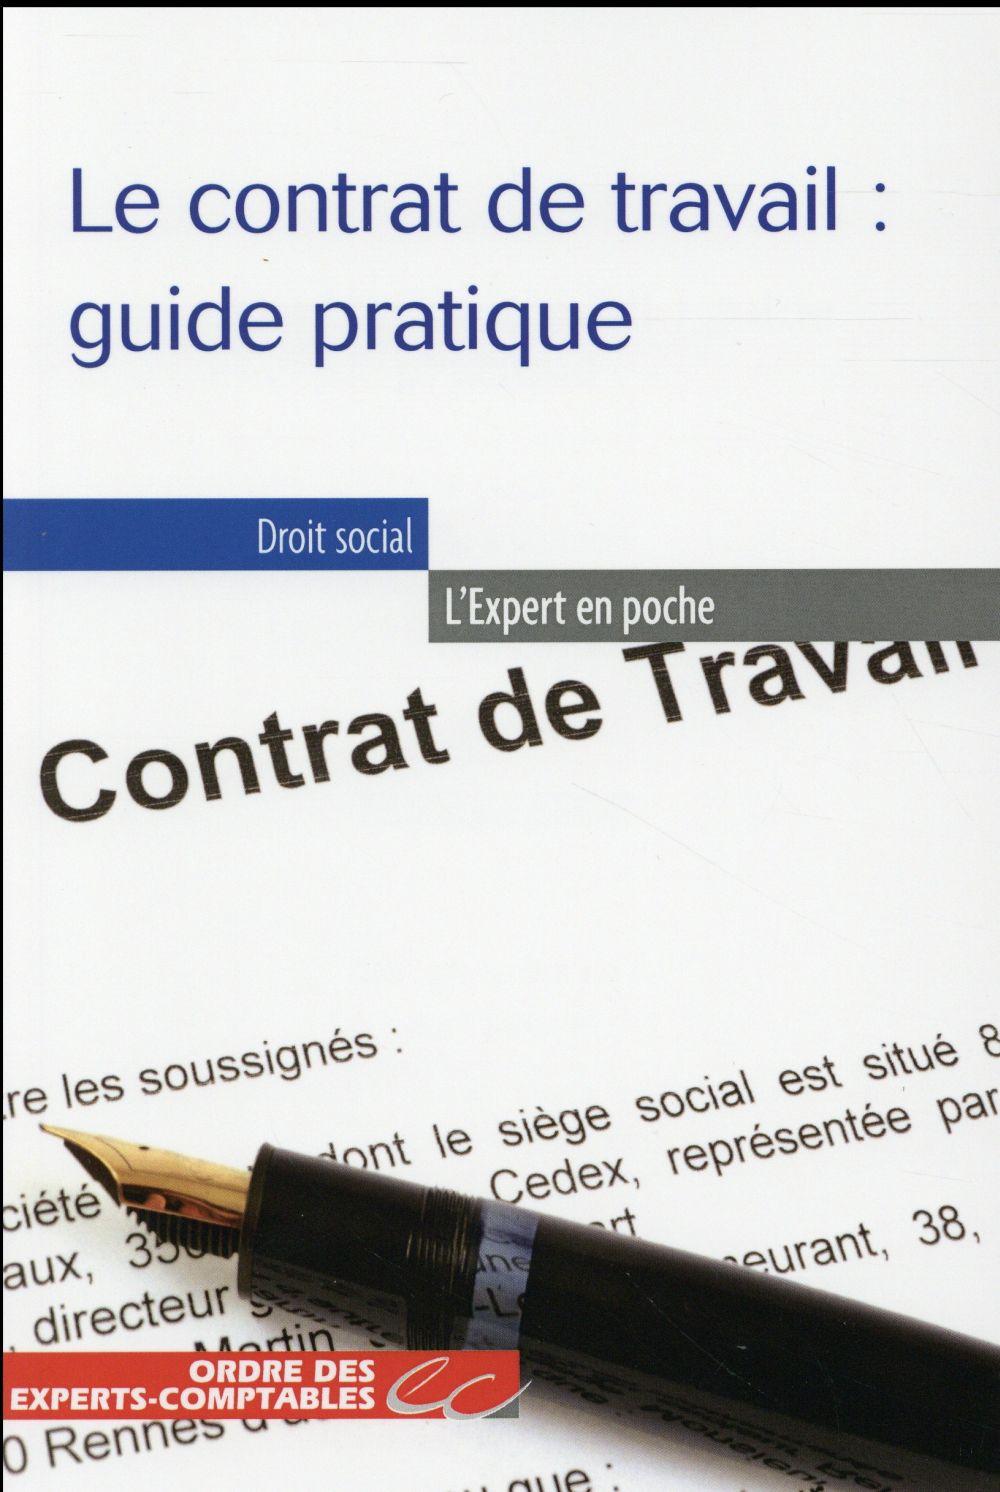 le contrat de travail : guide pratique